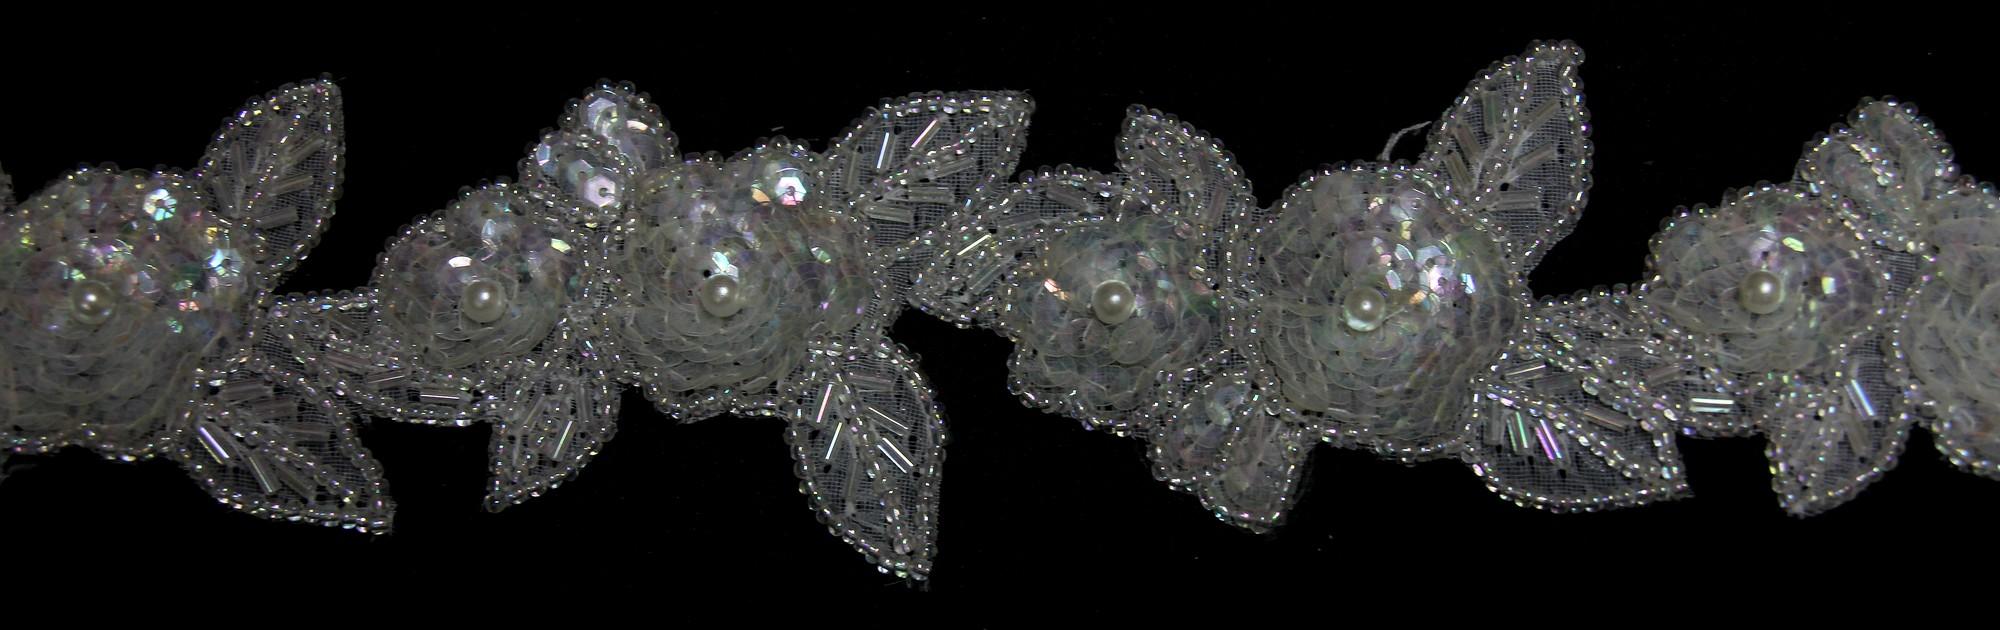 Appliques de fleurs en bande, perles et sequins